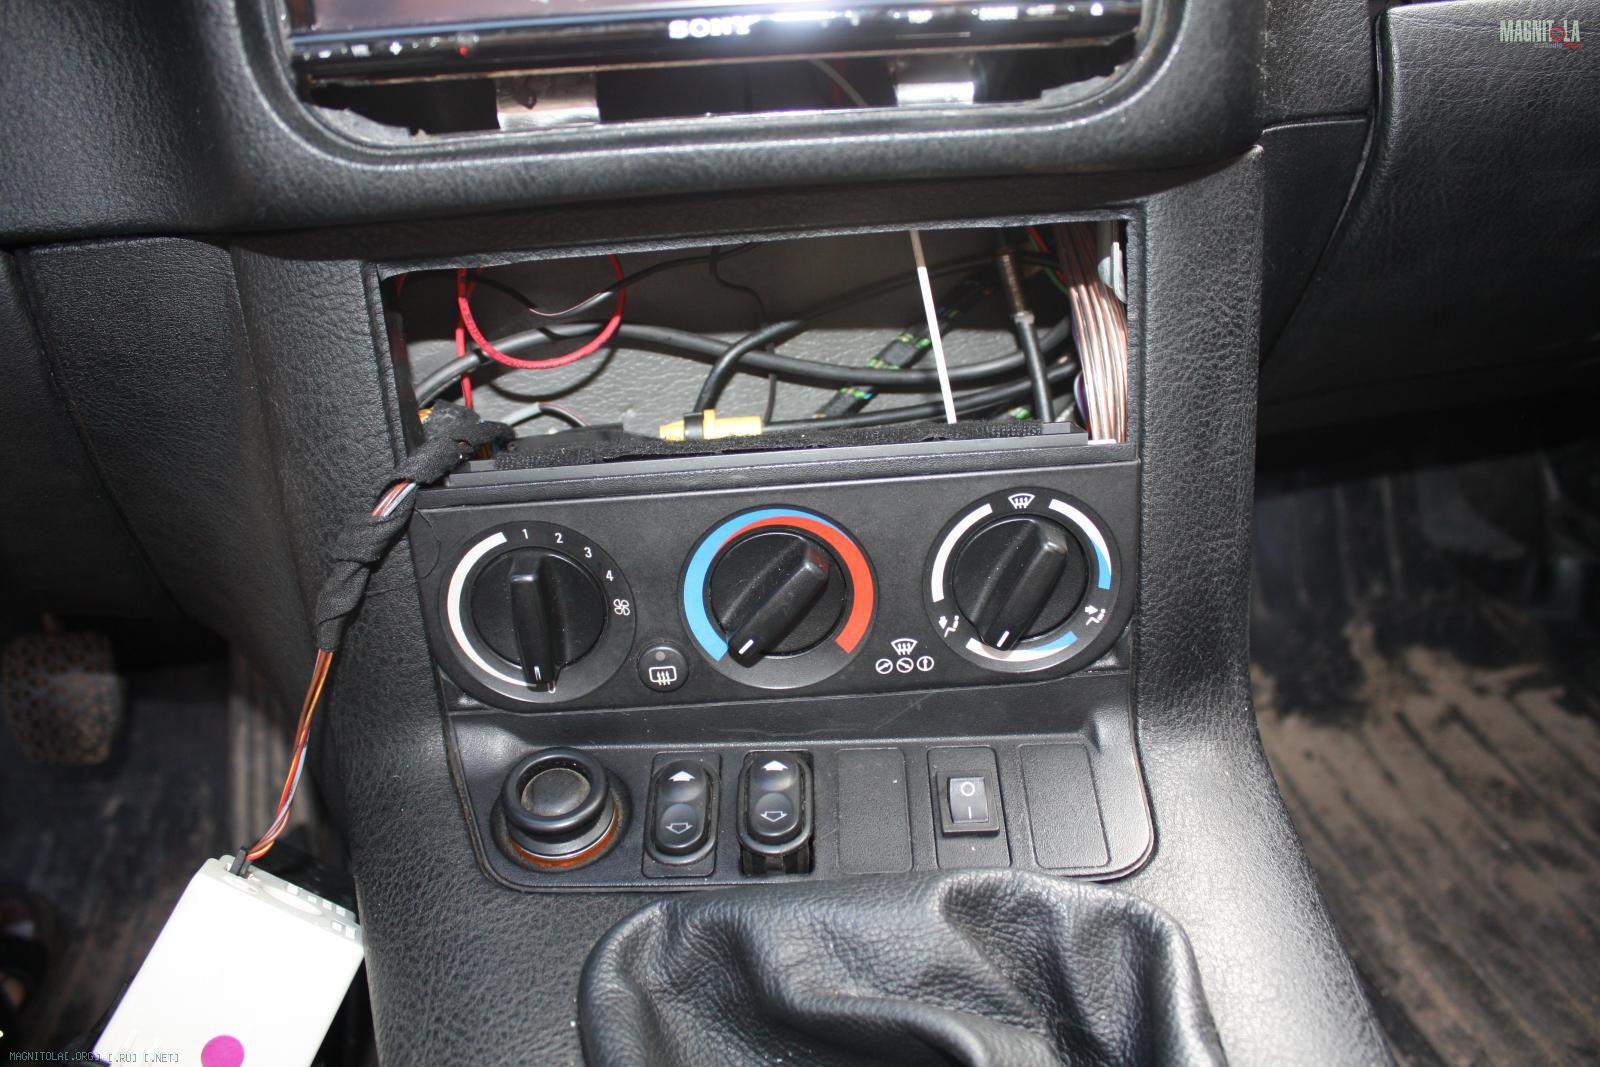 Замена передних тормозных колодок Форд Фокус 2, 3 Форд 2